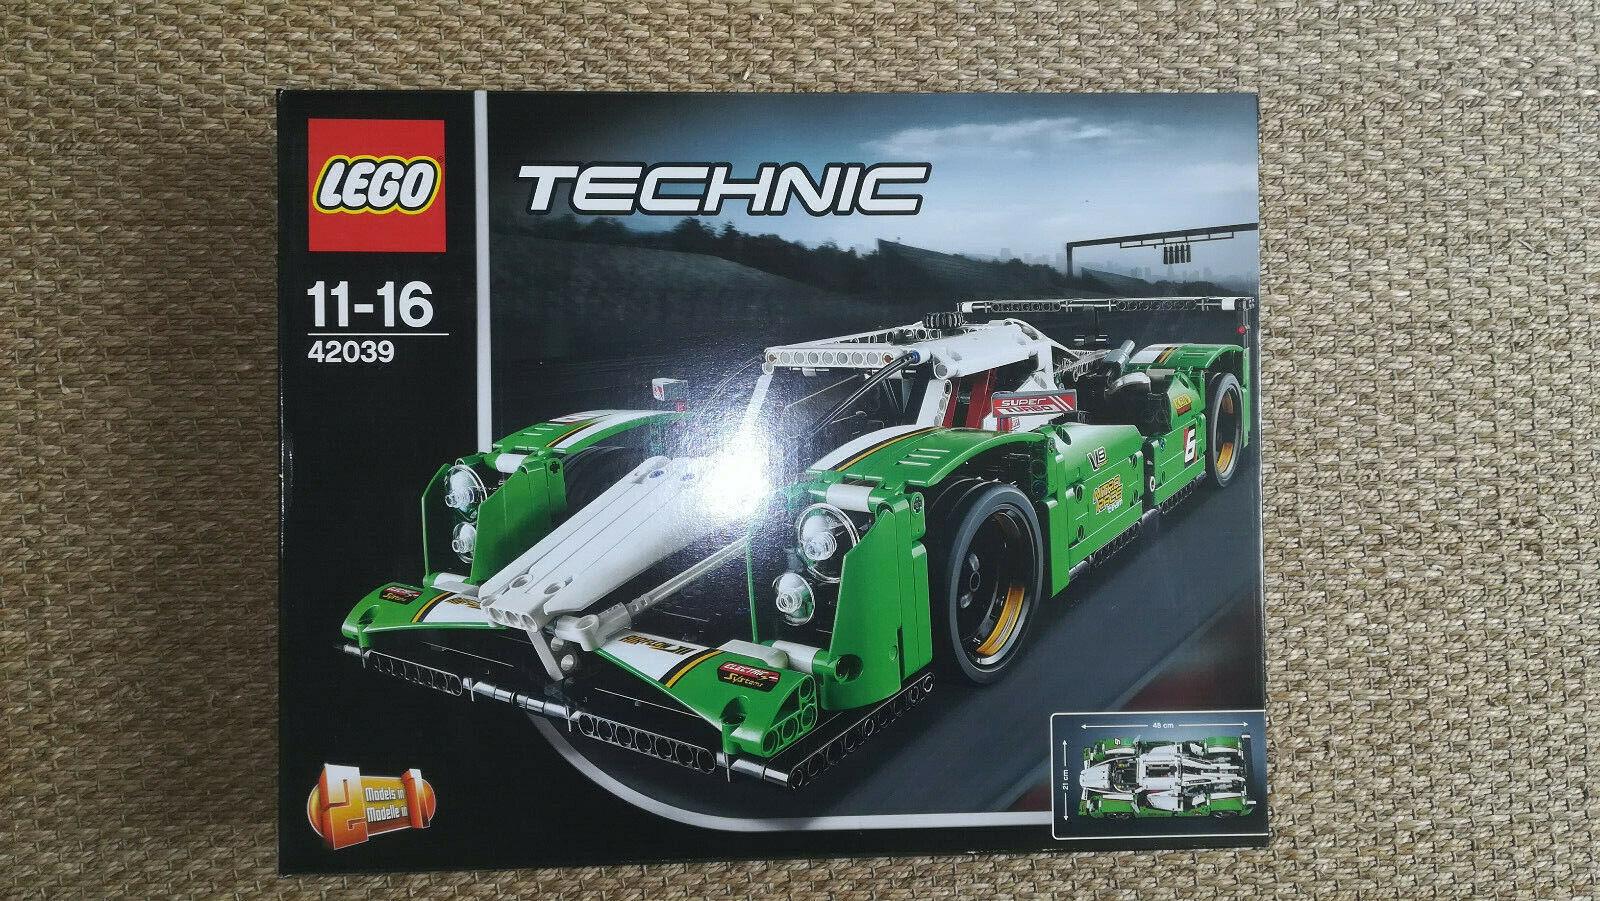 LEGO NEUF scellé TECHNIC 42039 24 HOURS RACE CAR voiture de course